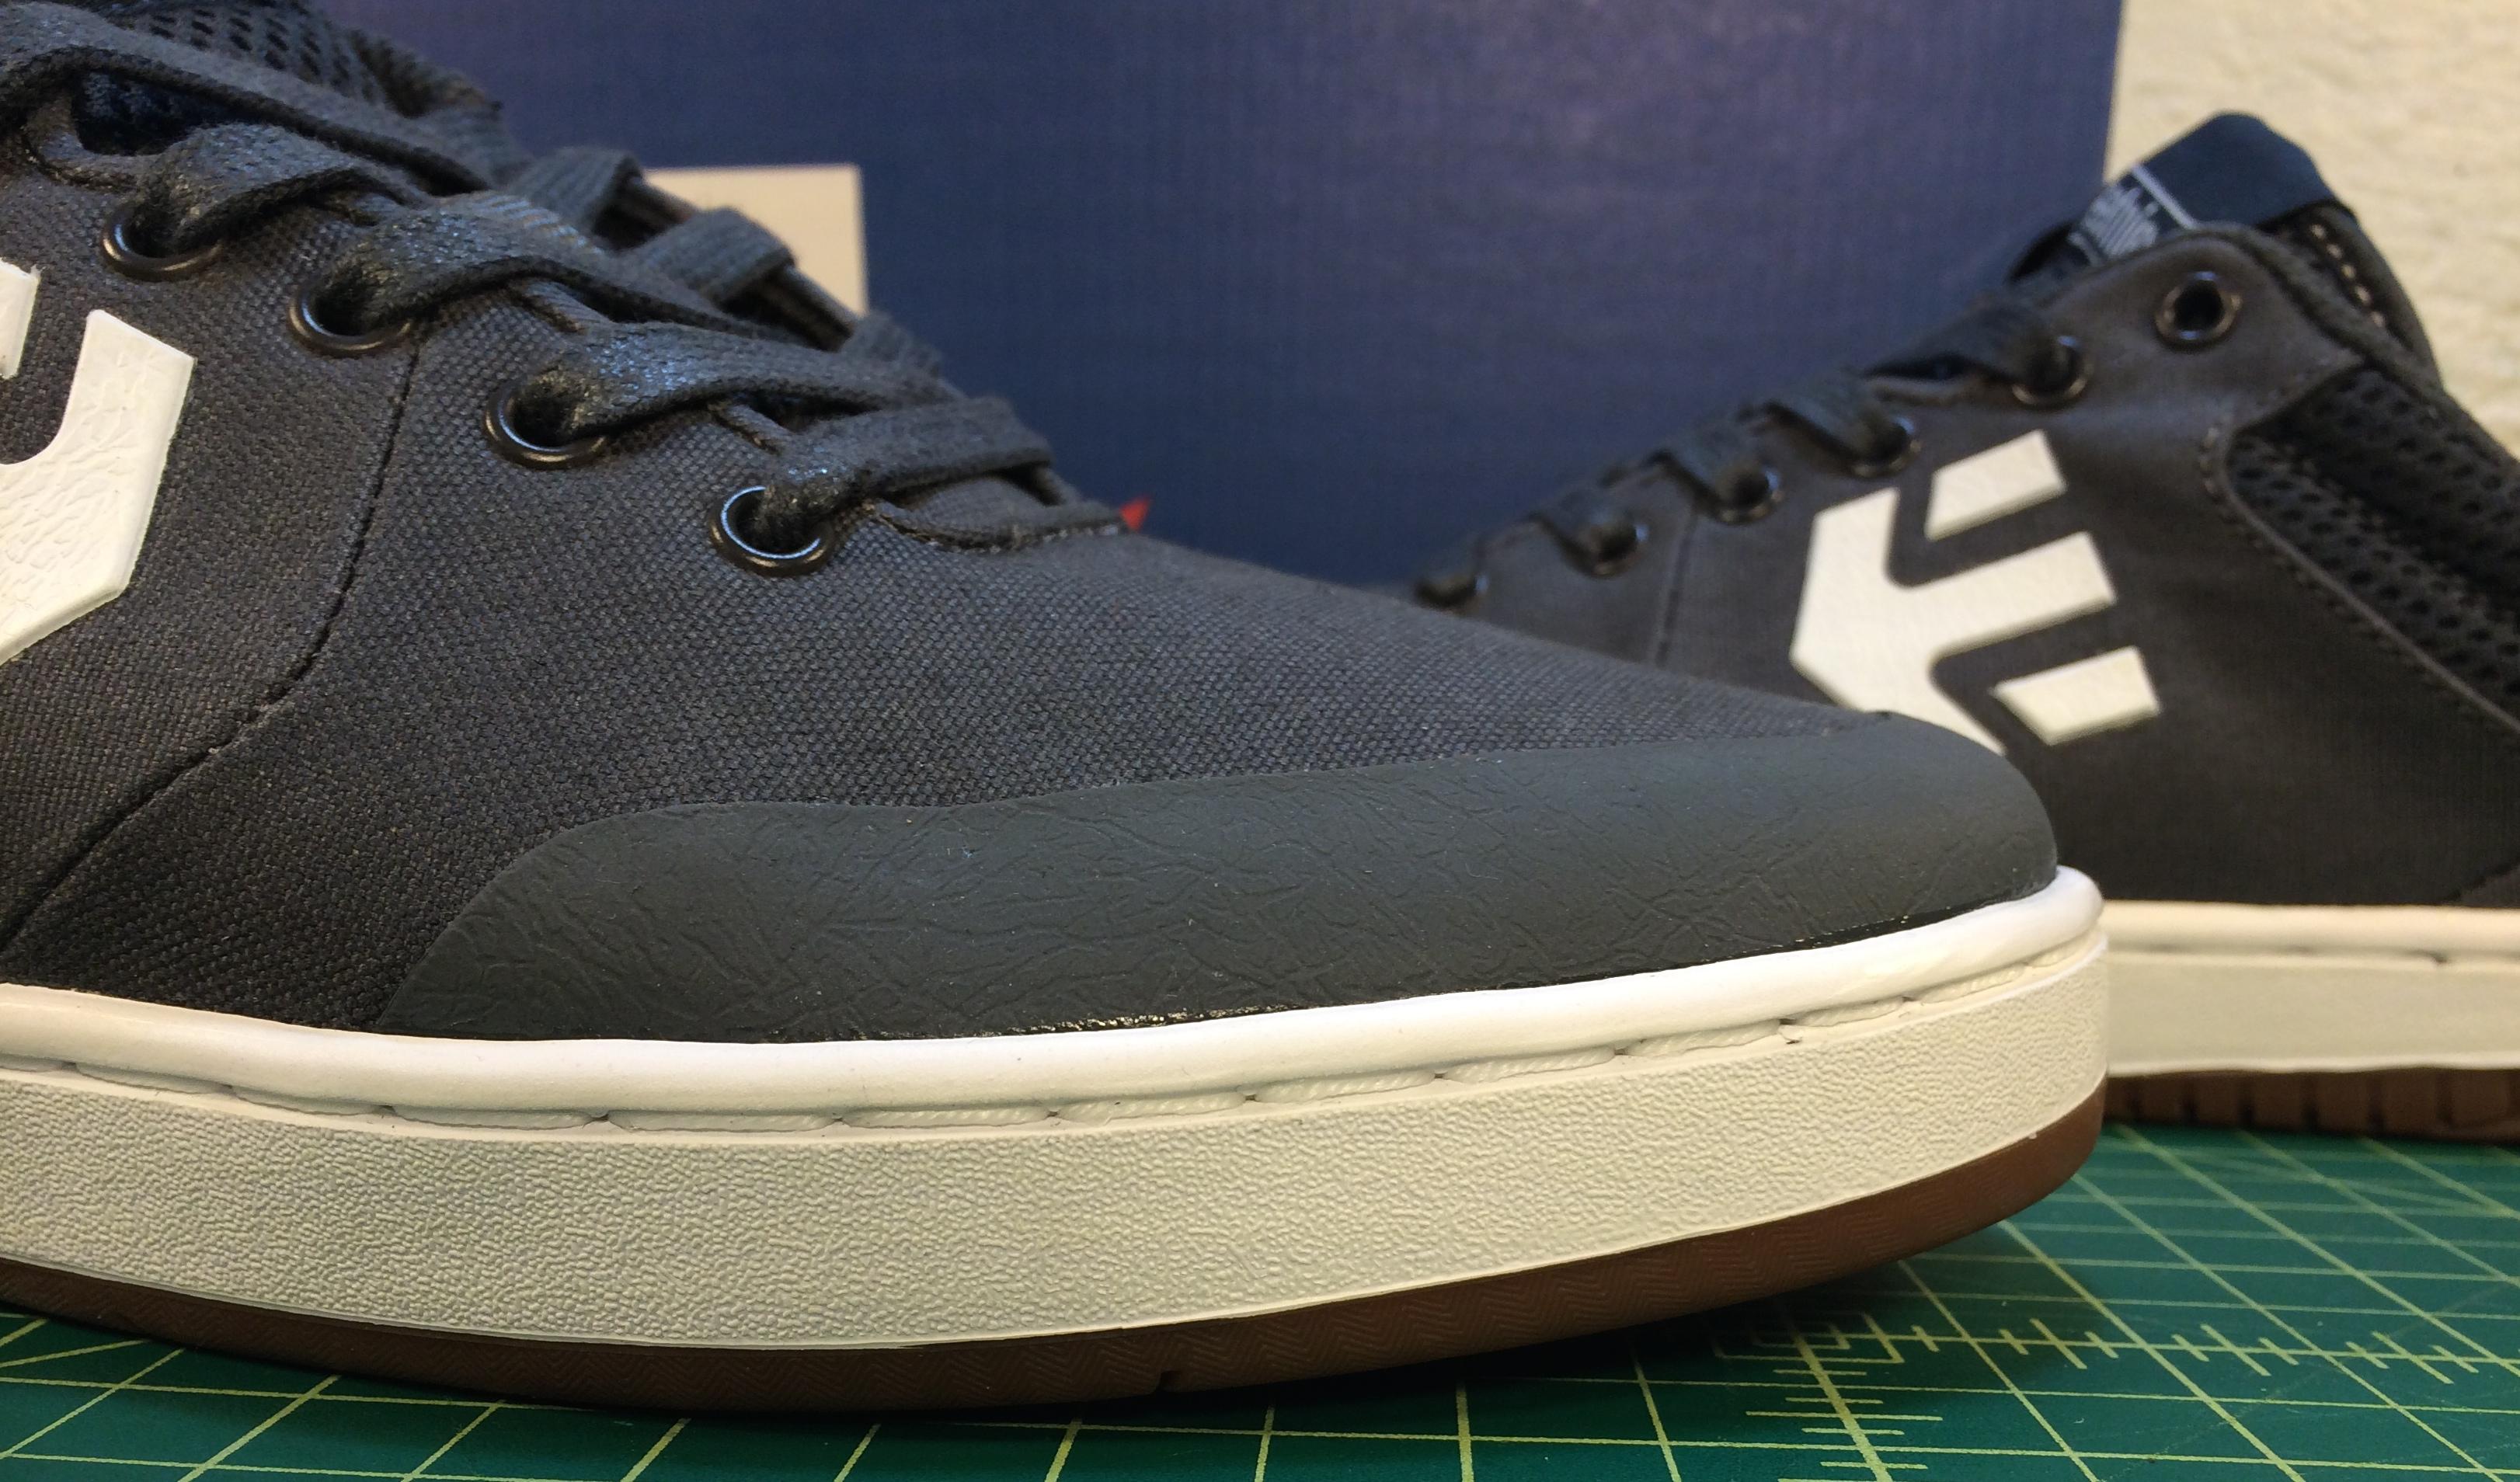 Marana vegan skateboard shoe solid toe cap rubber toe cap